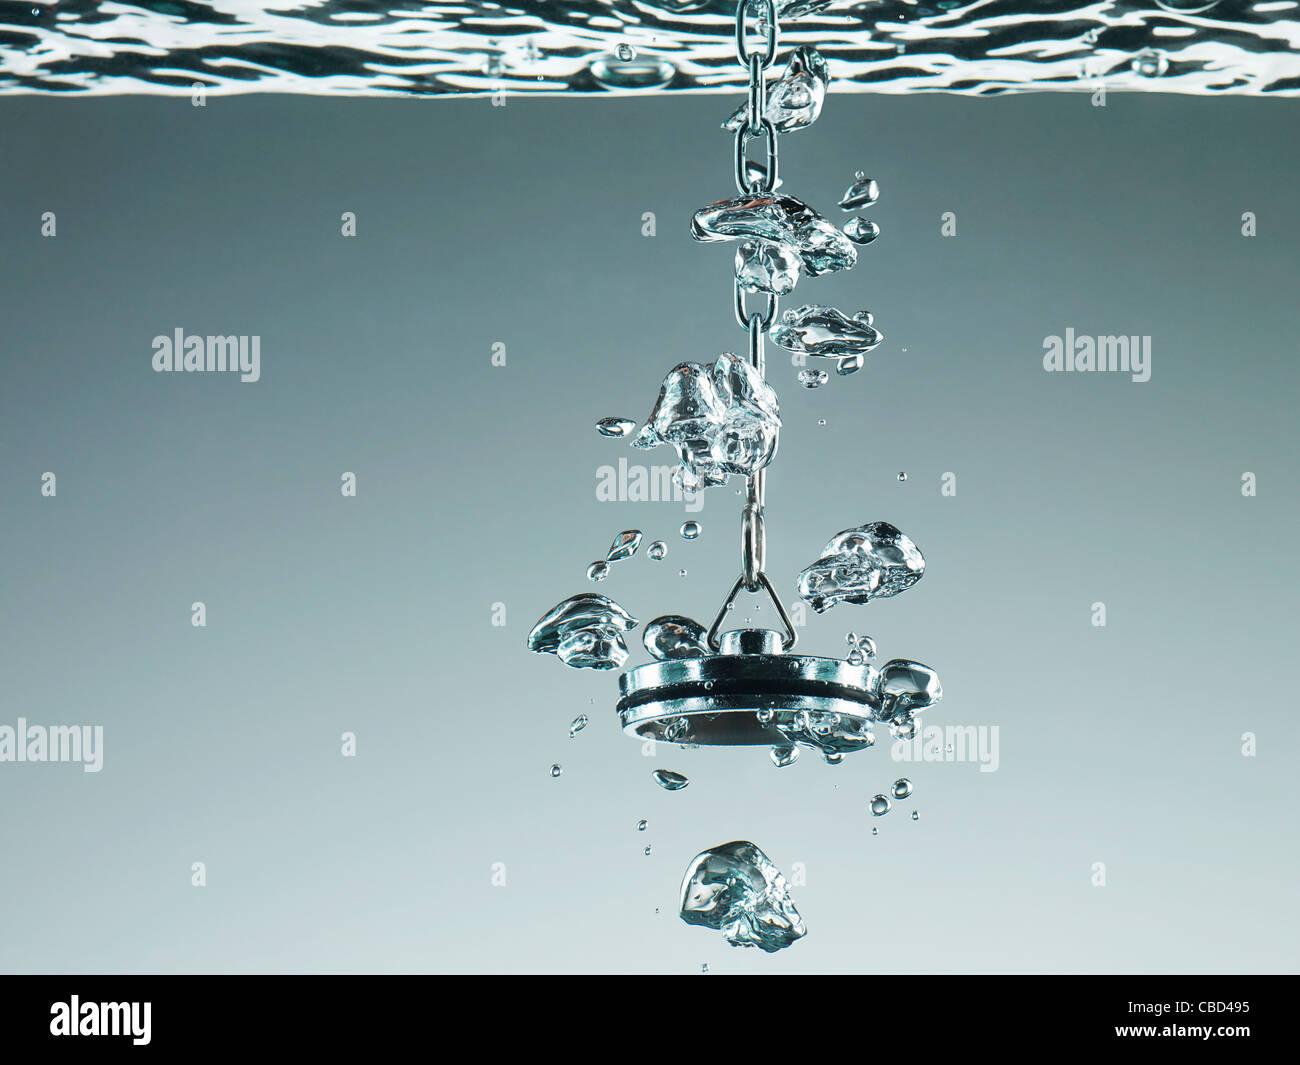 Stecker im Wasser sprudelt Stockbild